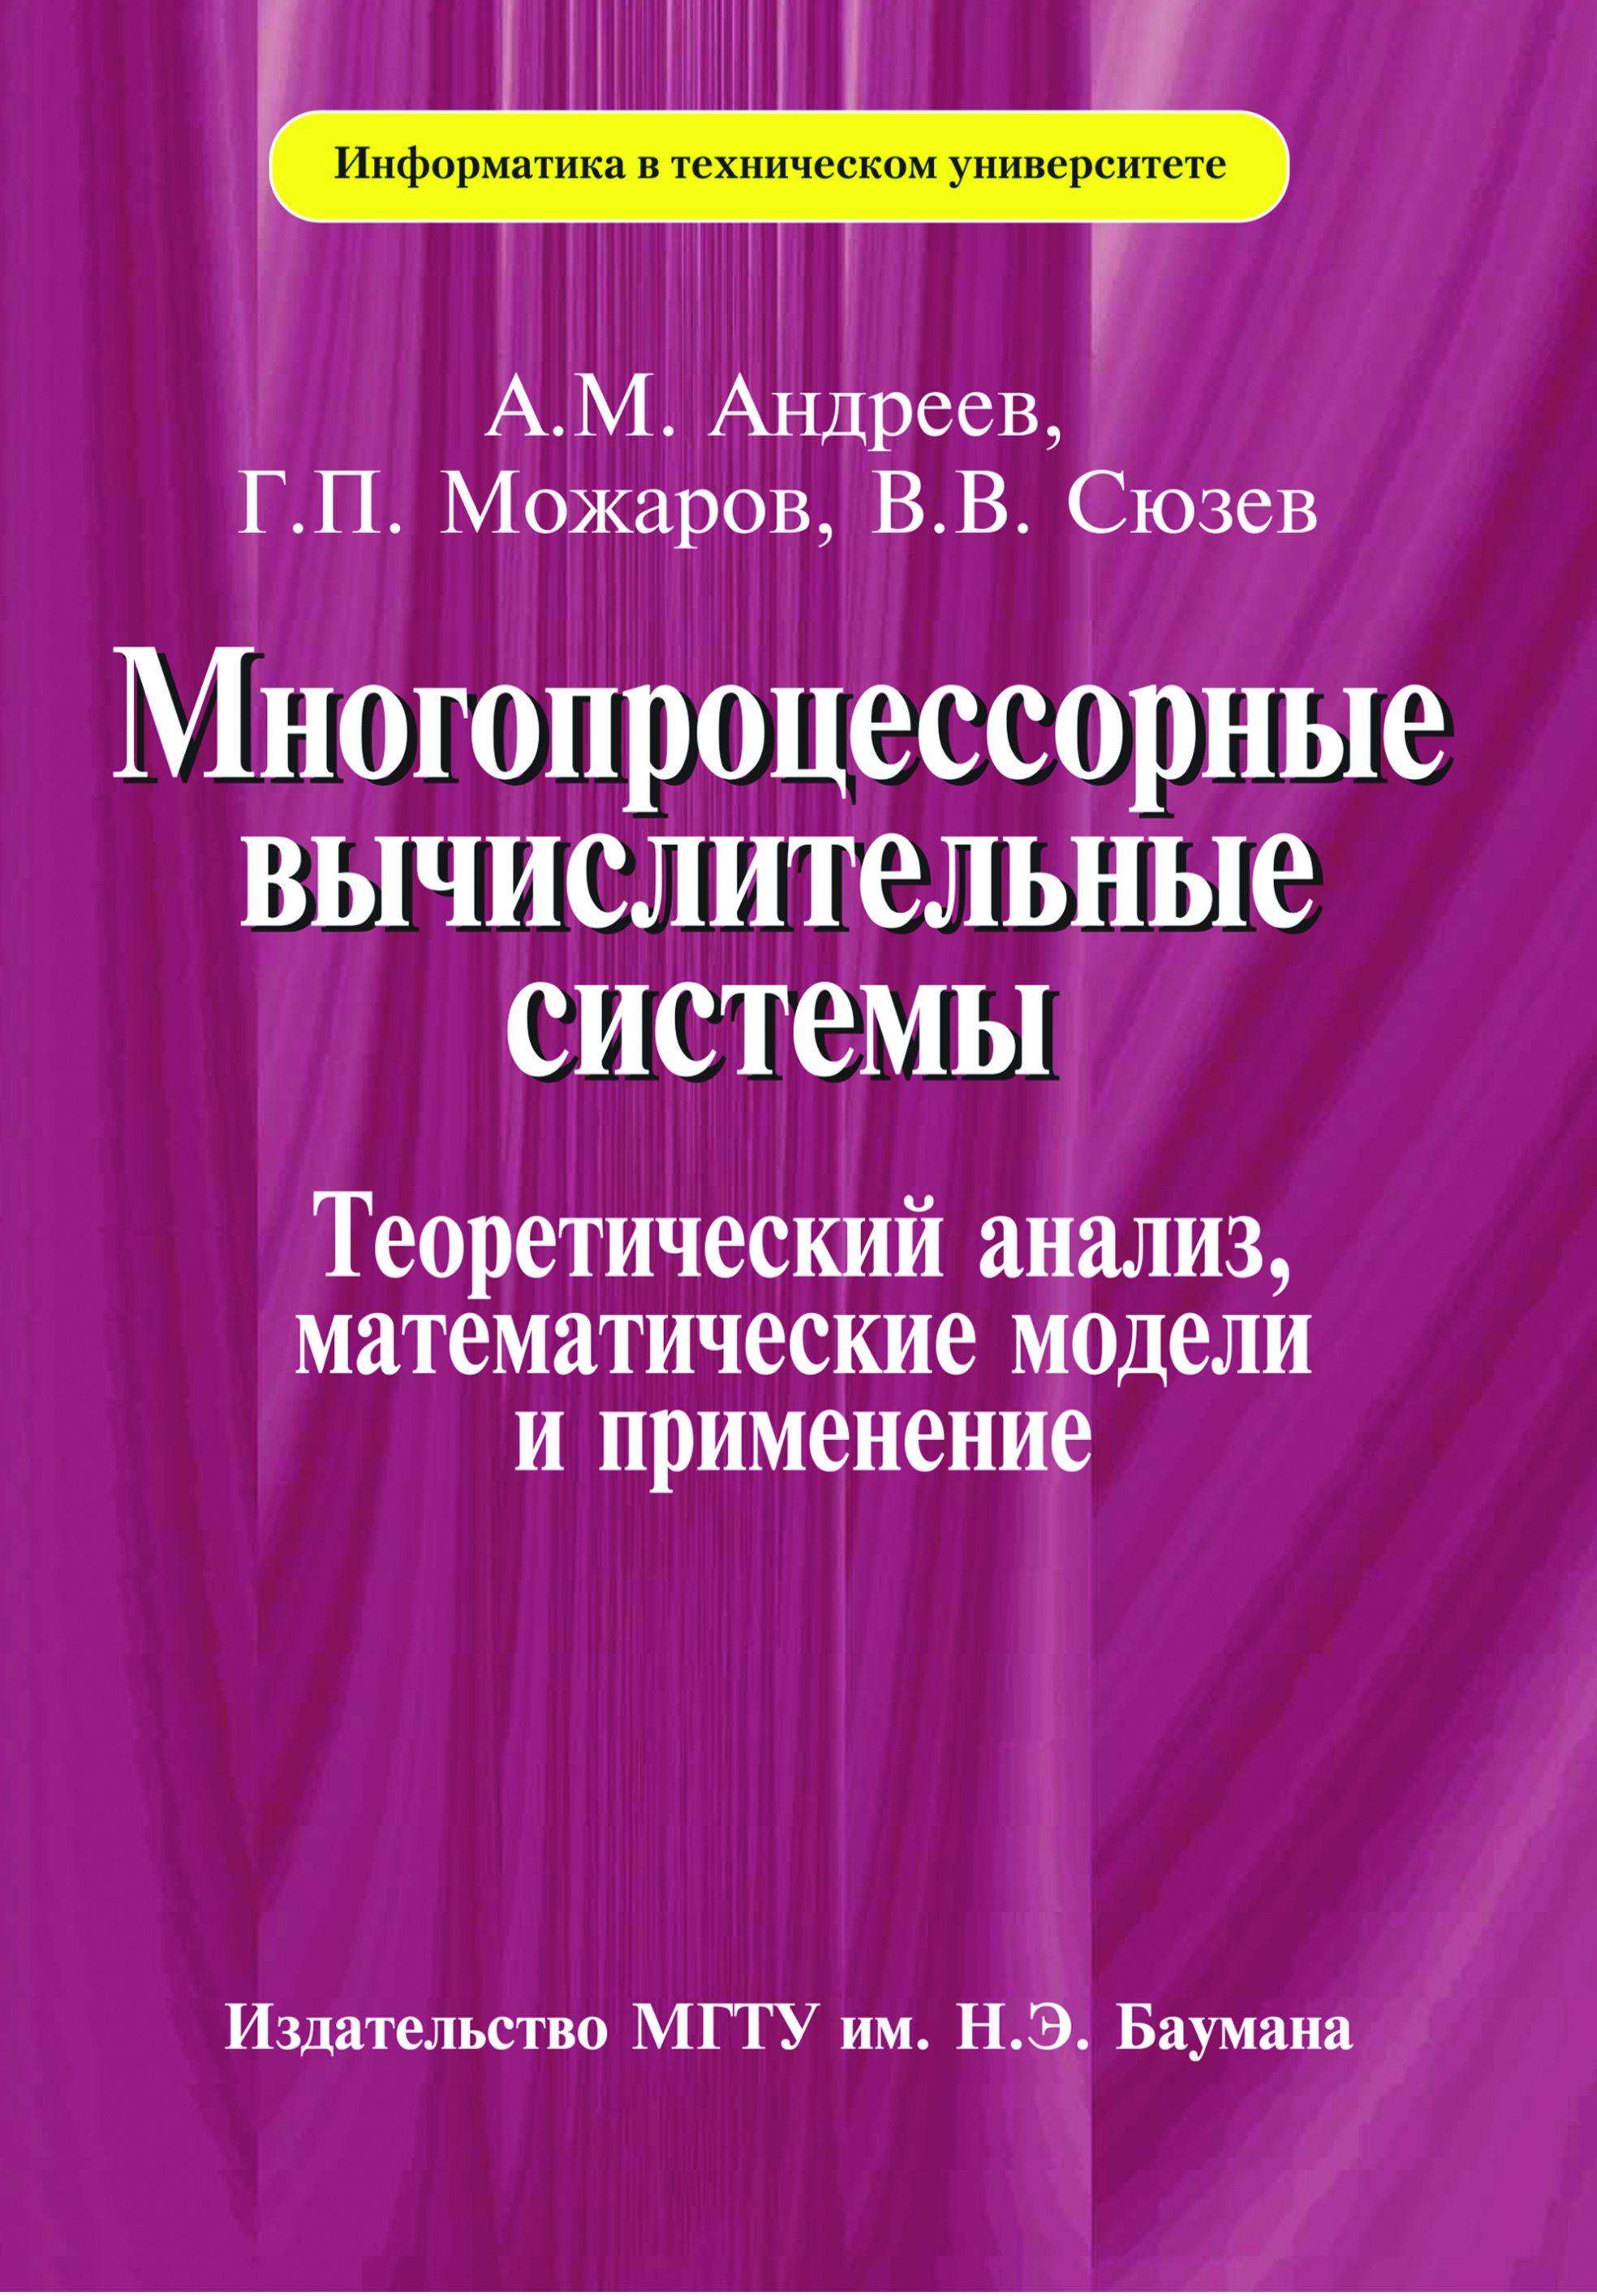 Арк Андреев Многопроцессорные вычислительные системы арк андреев многопроцессорные вычислительные системы